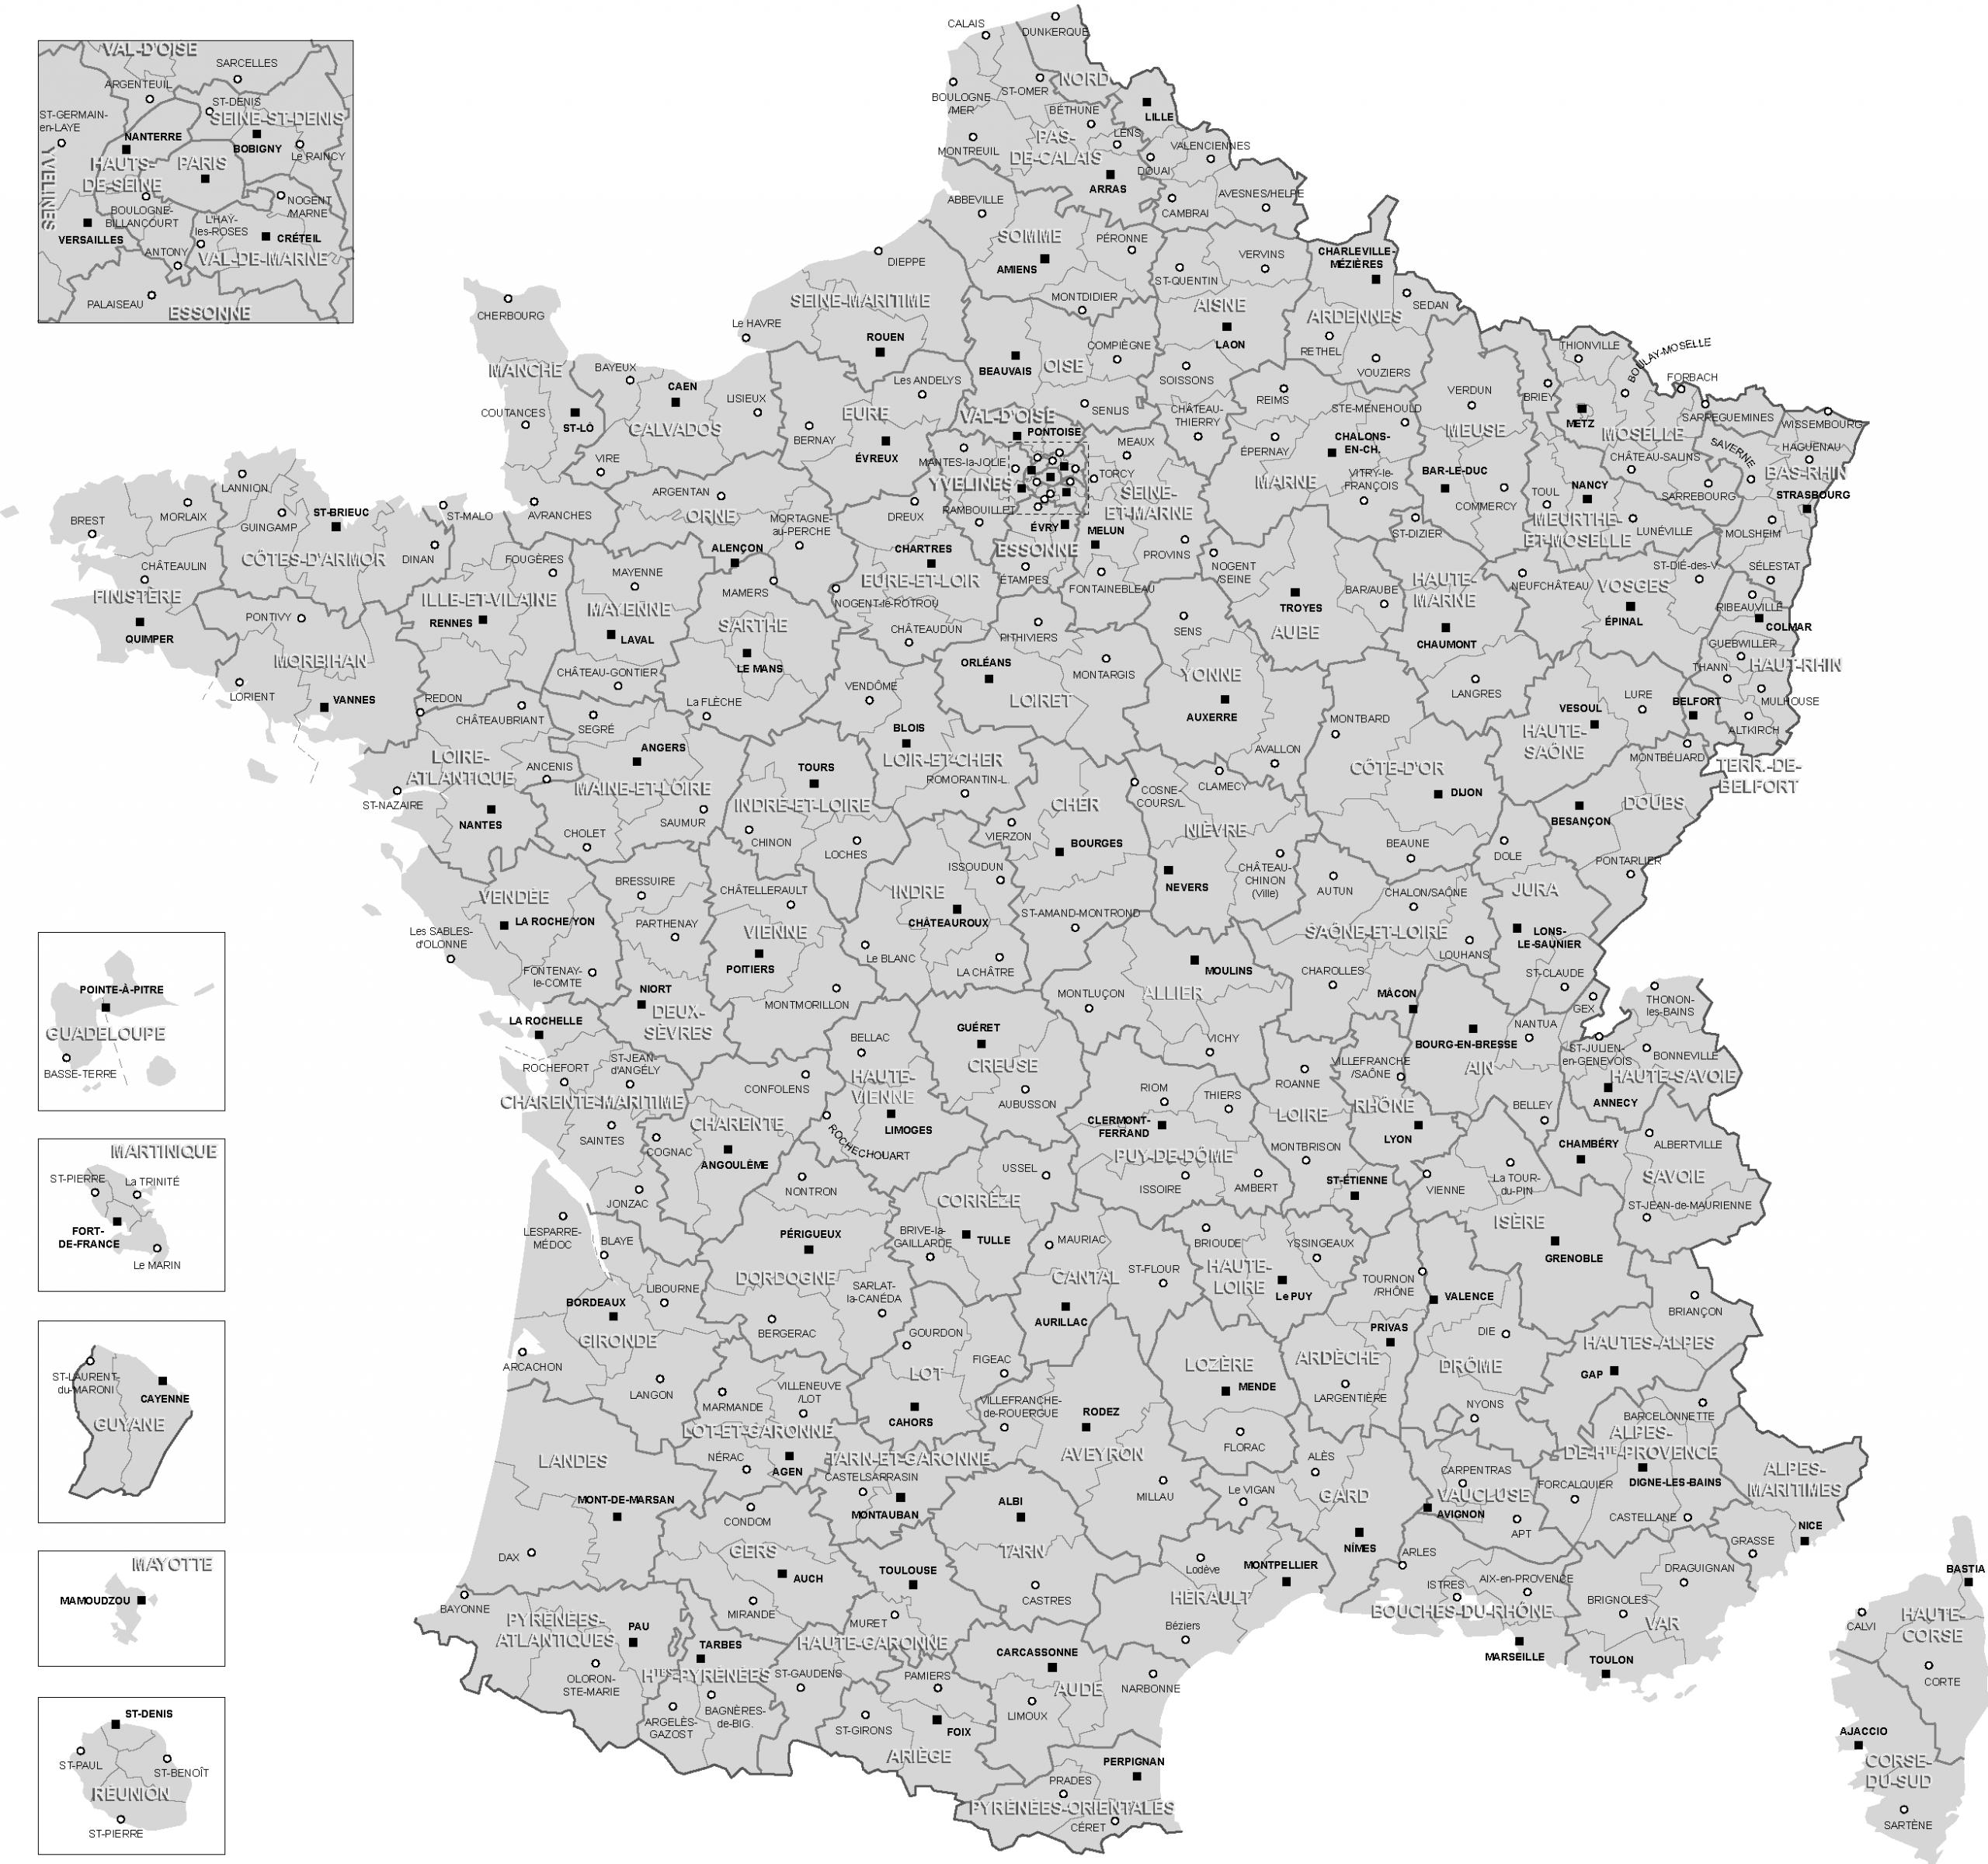 Cartes De France, Cartes Et Rmations Des Régions tout Carte France Vierge Villes